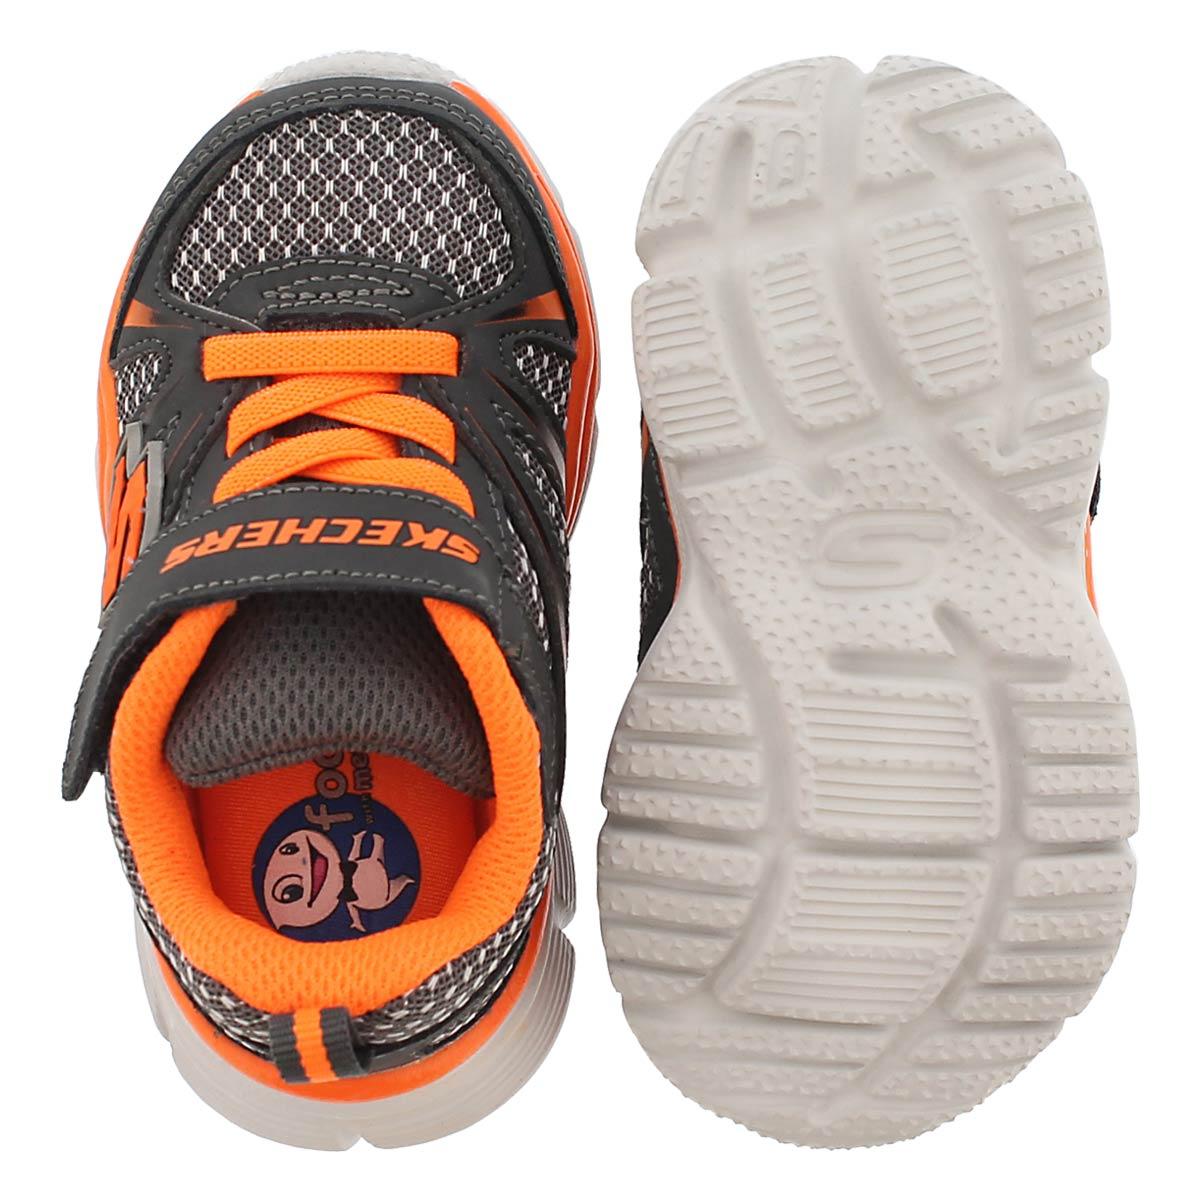 Inf Speedees Drifterz charc/orng sneaker